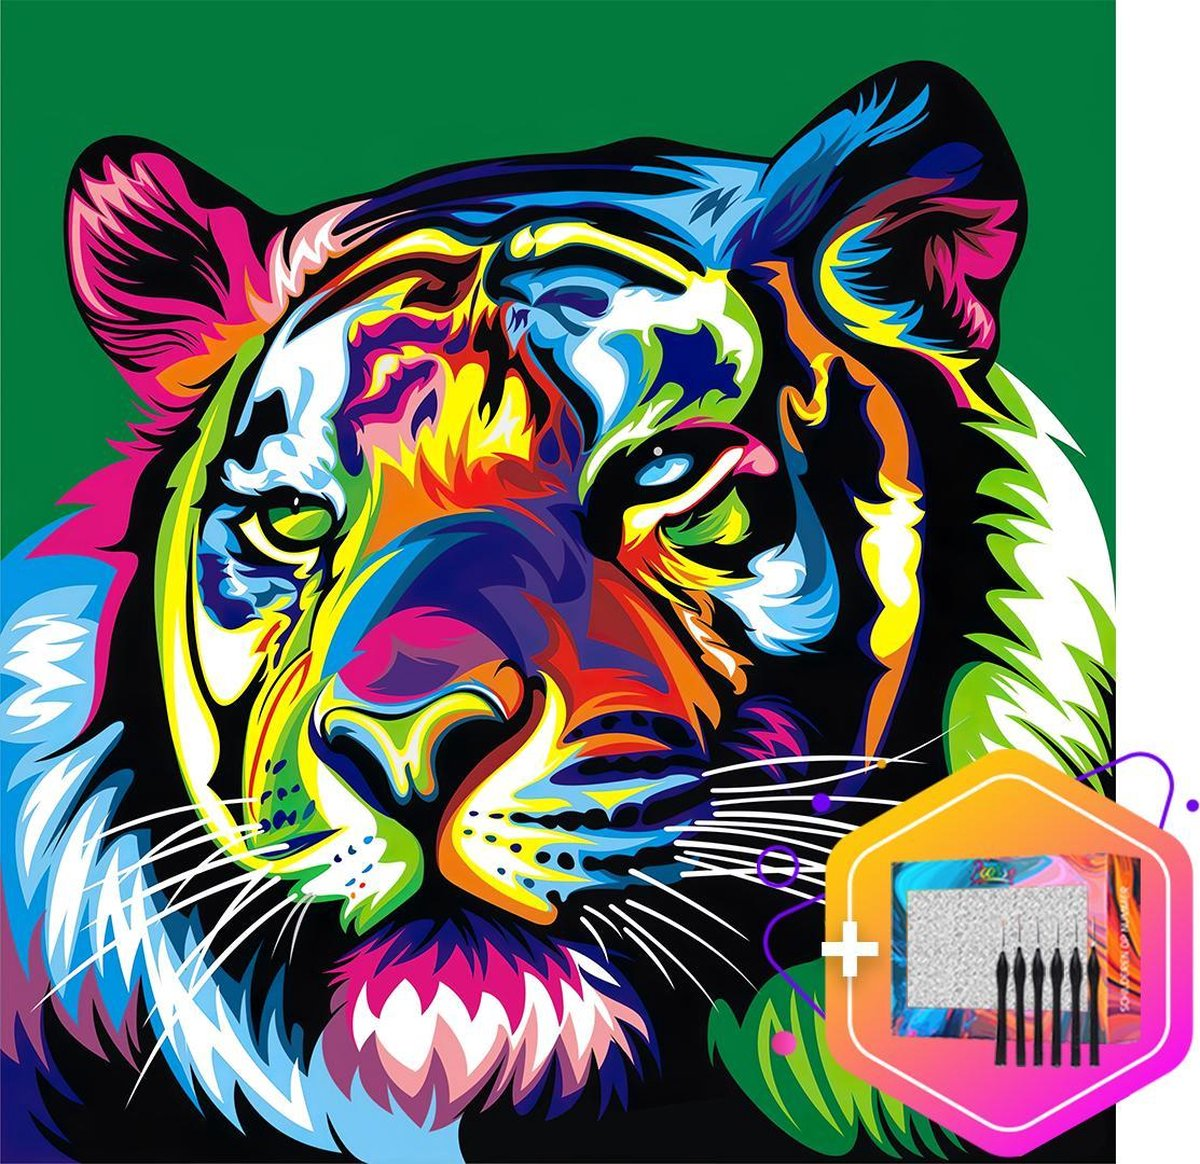 Pcasso ® Tijger Multicolor Groen - Schilderen Op Nummer - Incl. 6 Ergonomische Penselen En Geschenkverpakking - Schilderen Op Nummer Dieren - Schilderen Op Nummer Volwassenen - Canvas Schilderdoek - Kleuren Op Nummer - Paint By Number - 40x50 cm